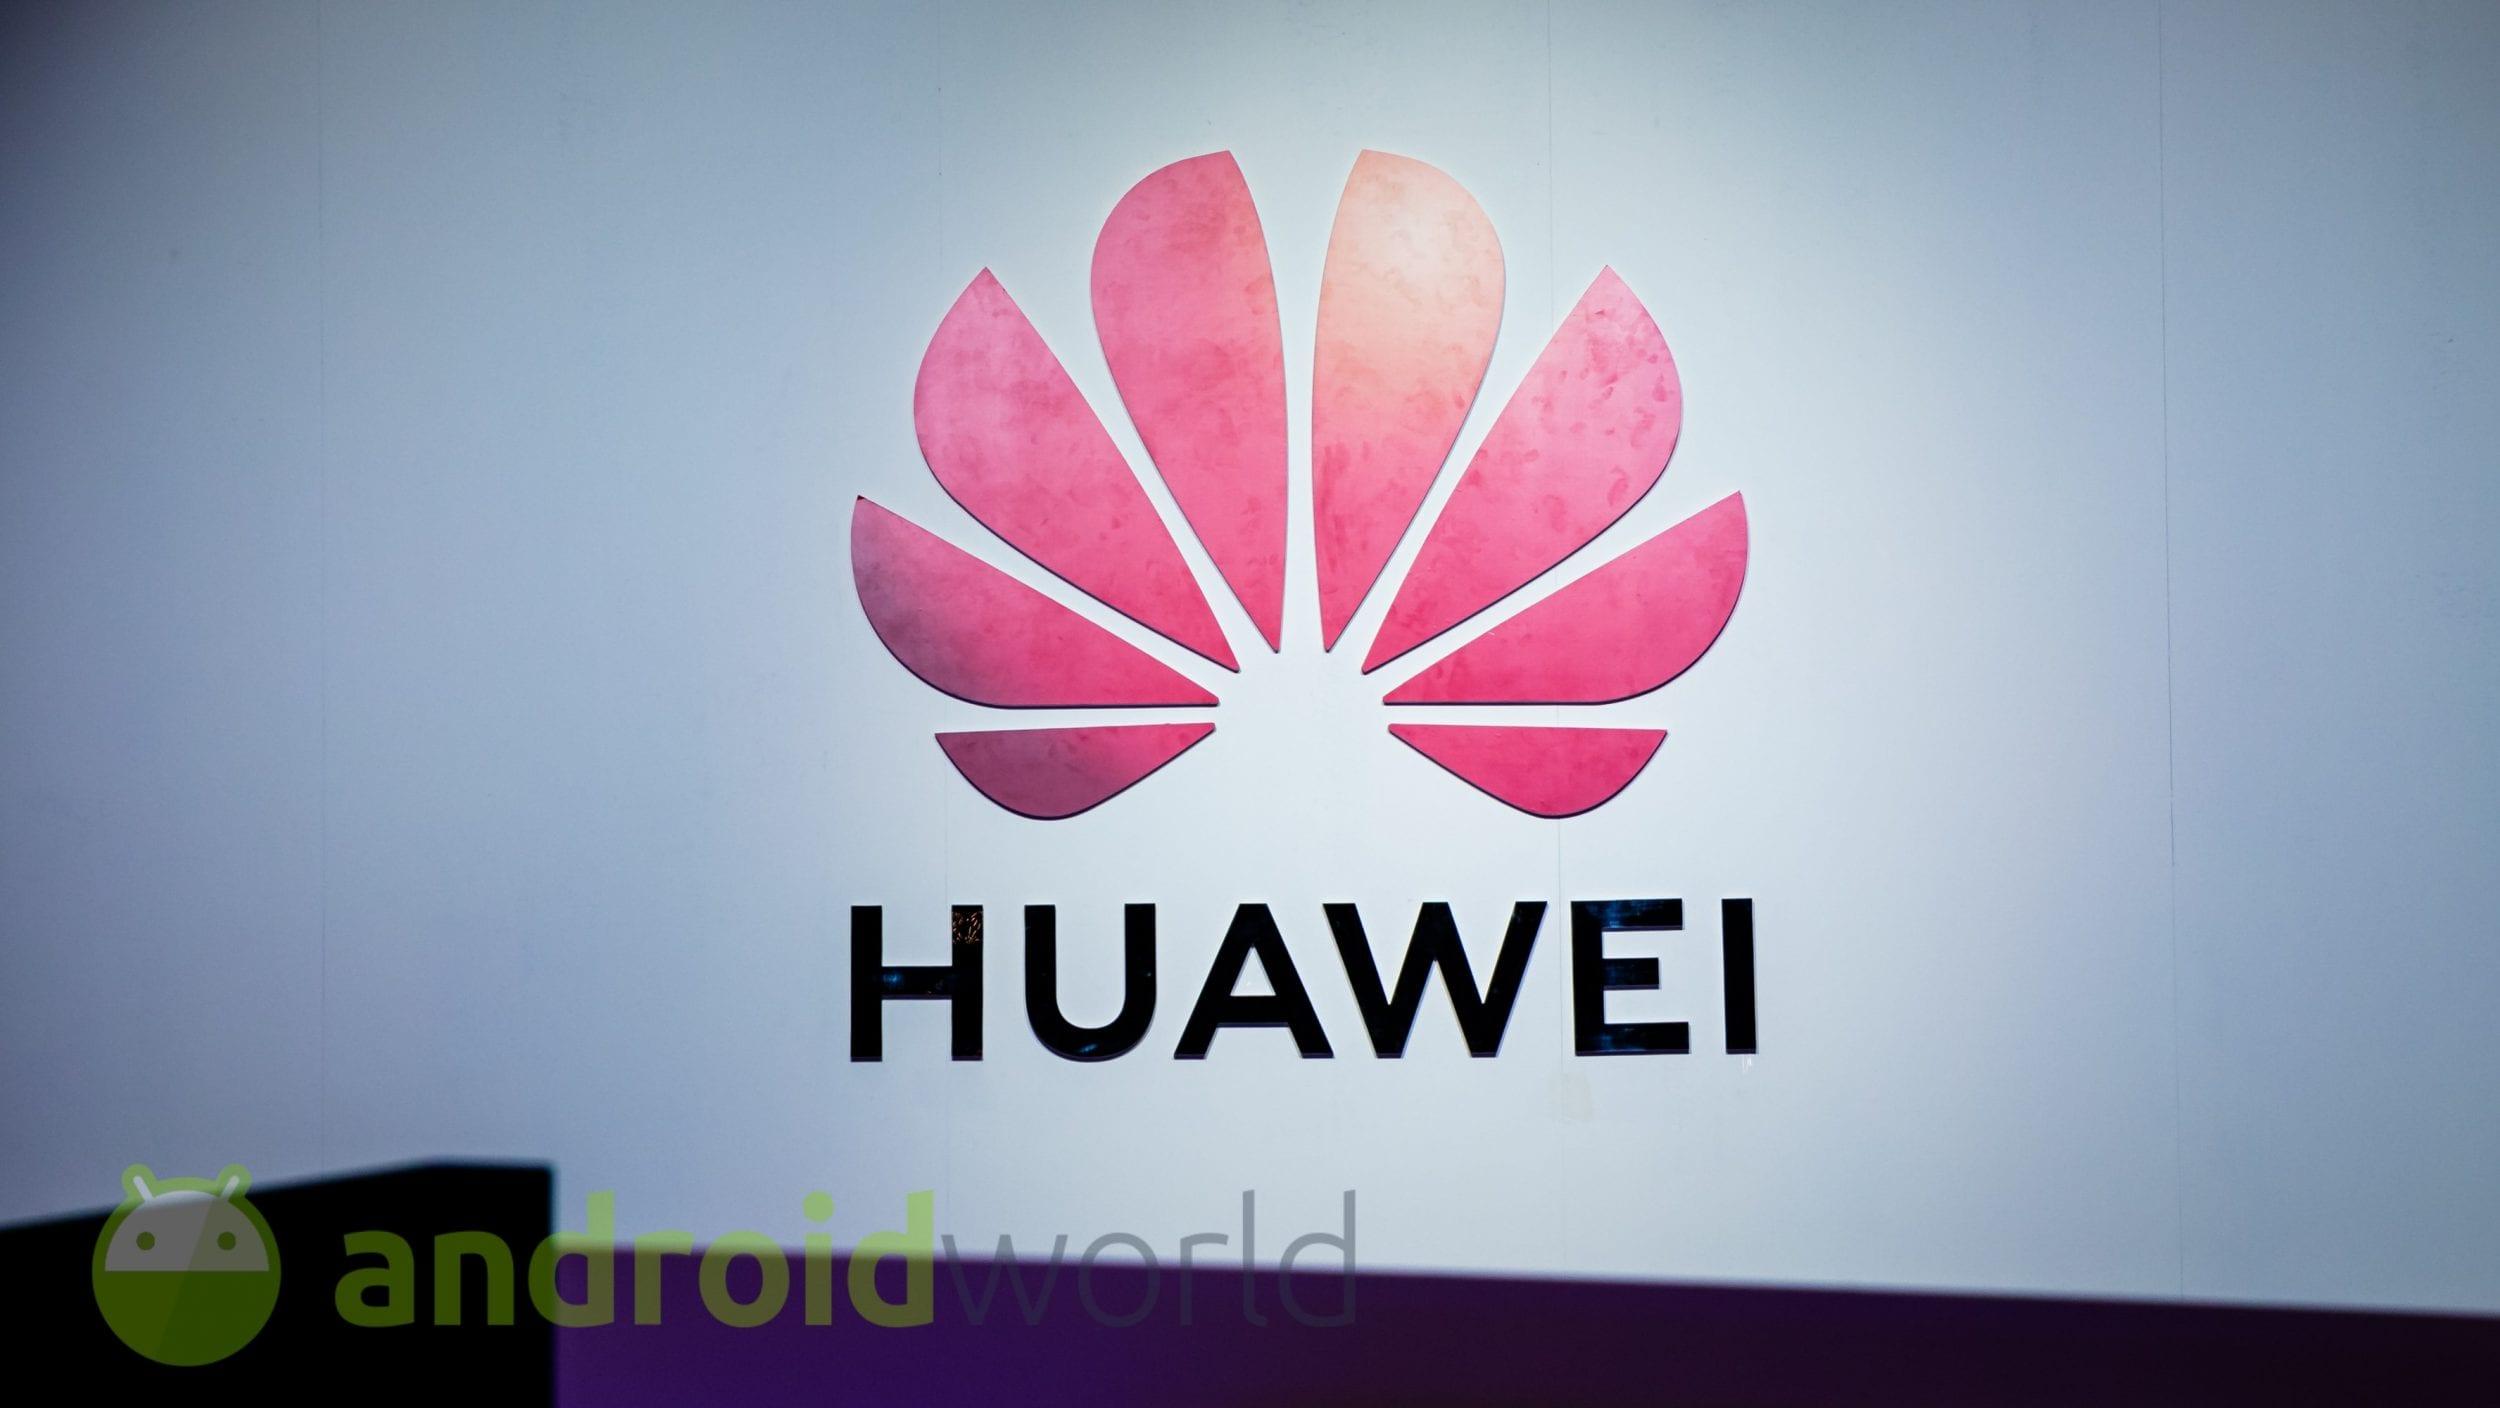 Huawei ottiene una proroga di altri 90 giorni per gli scambi commerciali con aziende USA (aggiornato)